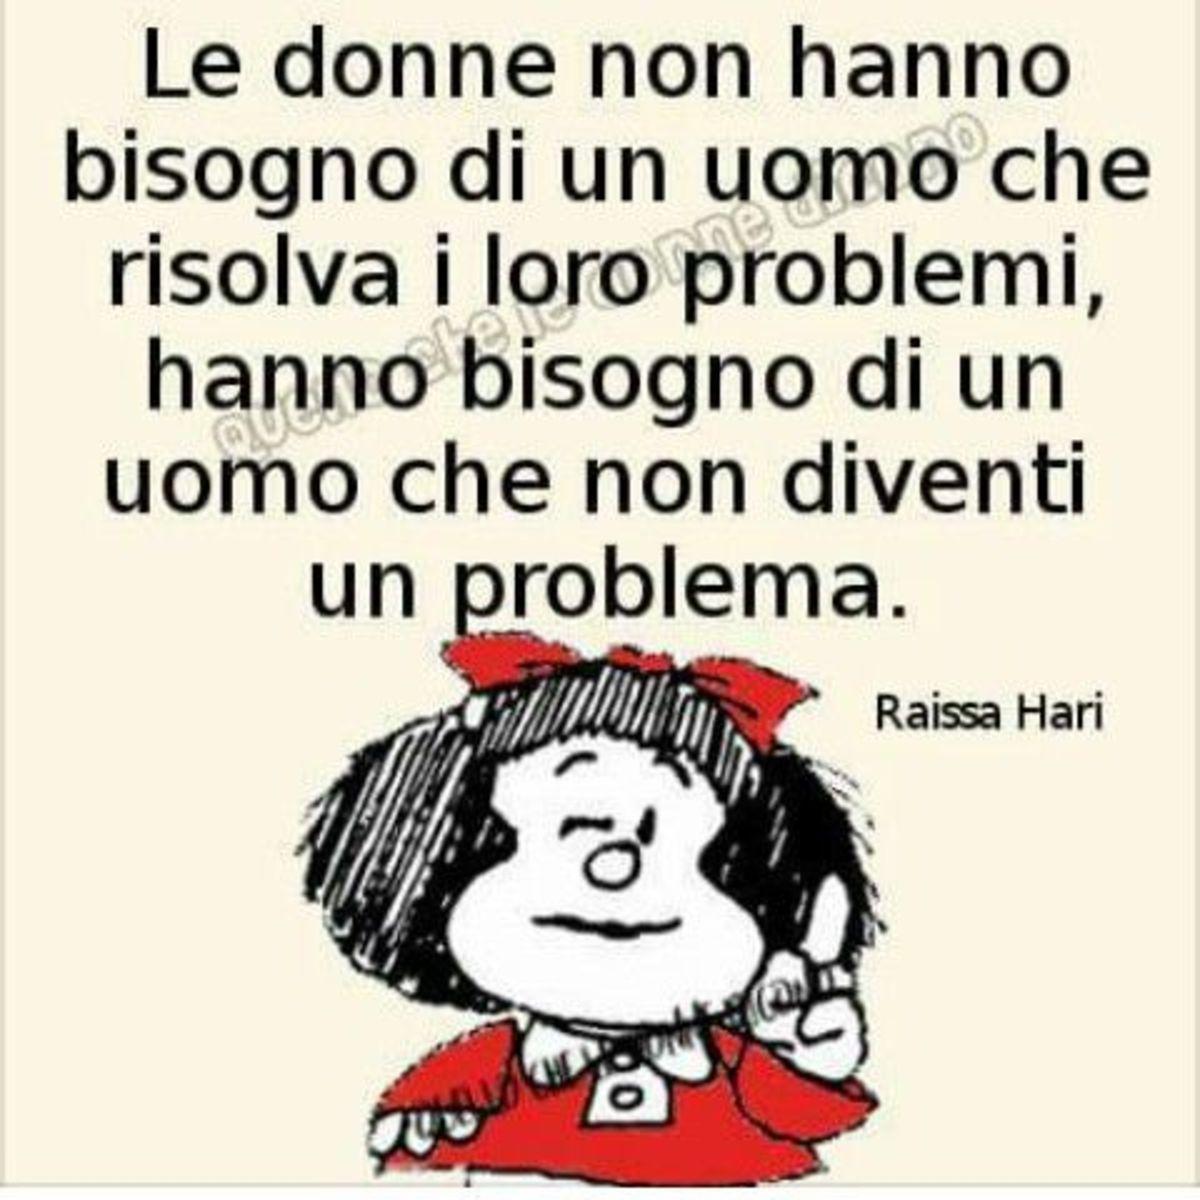 Le donne non hanno bisogno di un uomo che risolva i loro problemi, hanno bisogno di un uomo che non diventi un problema. (Mafalda)